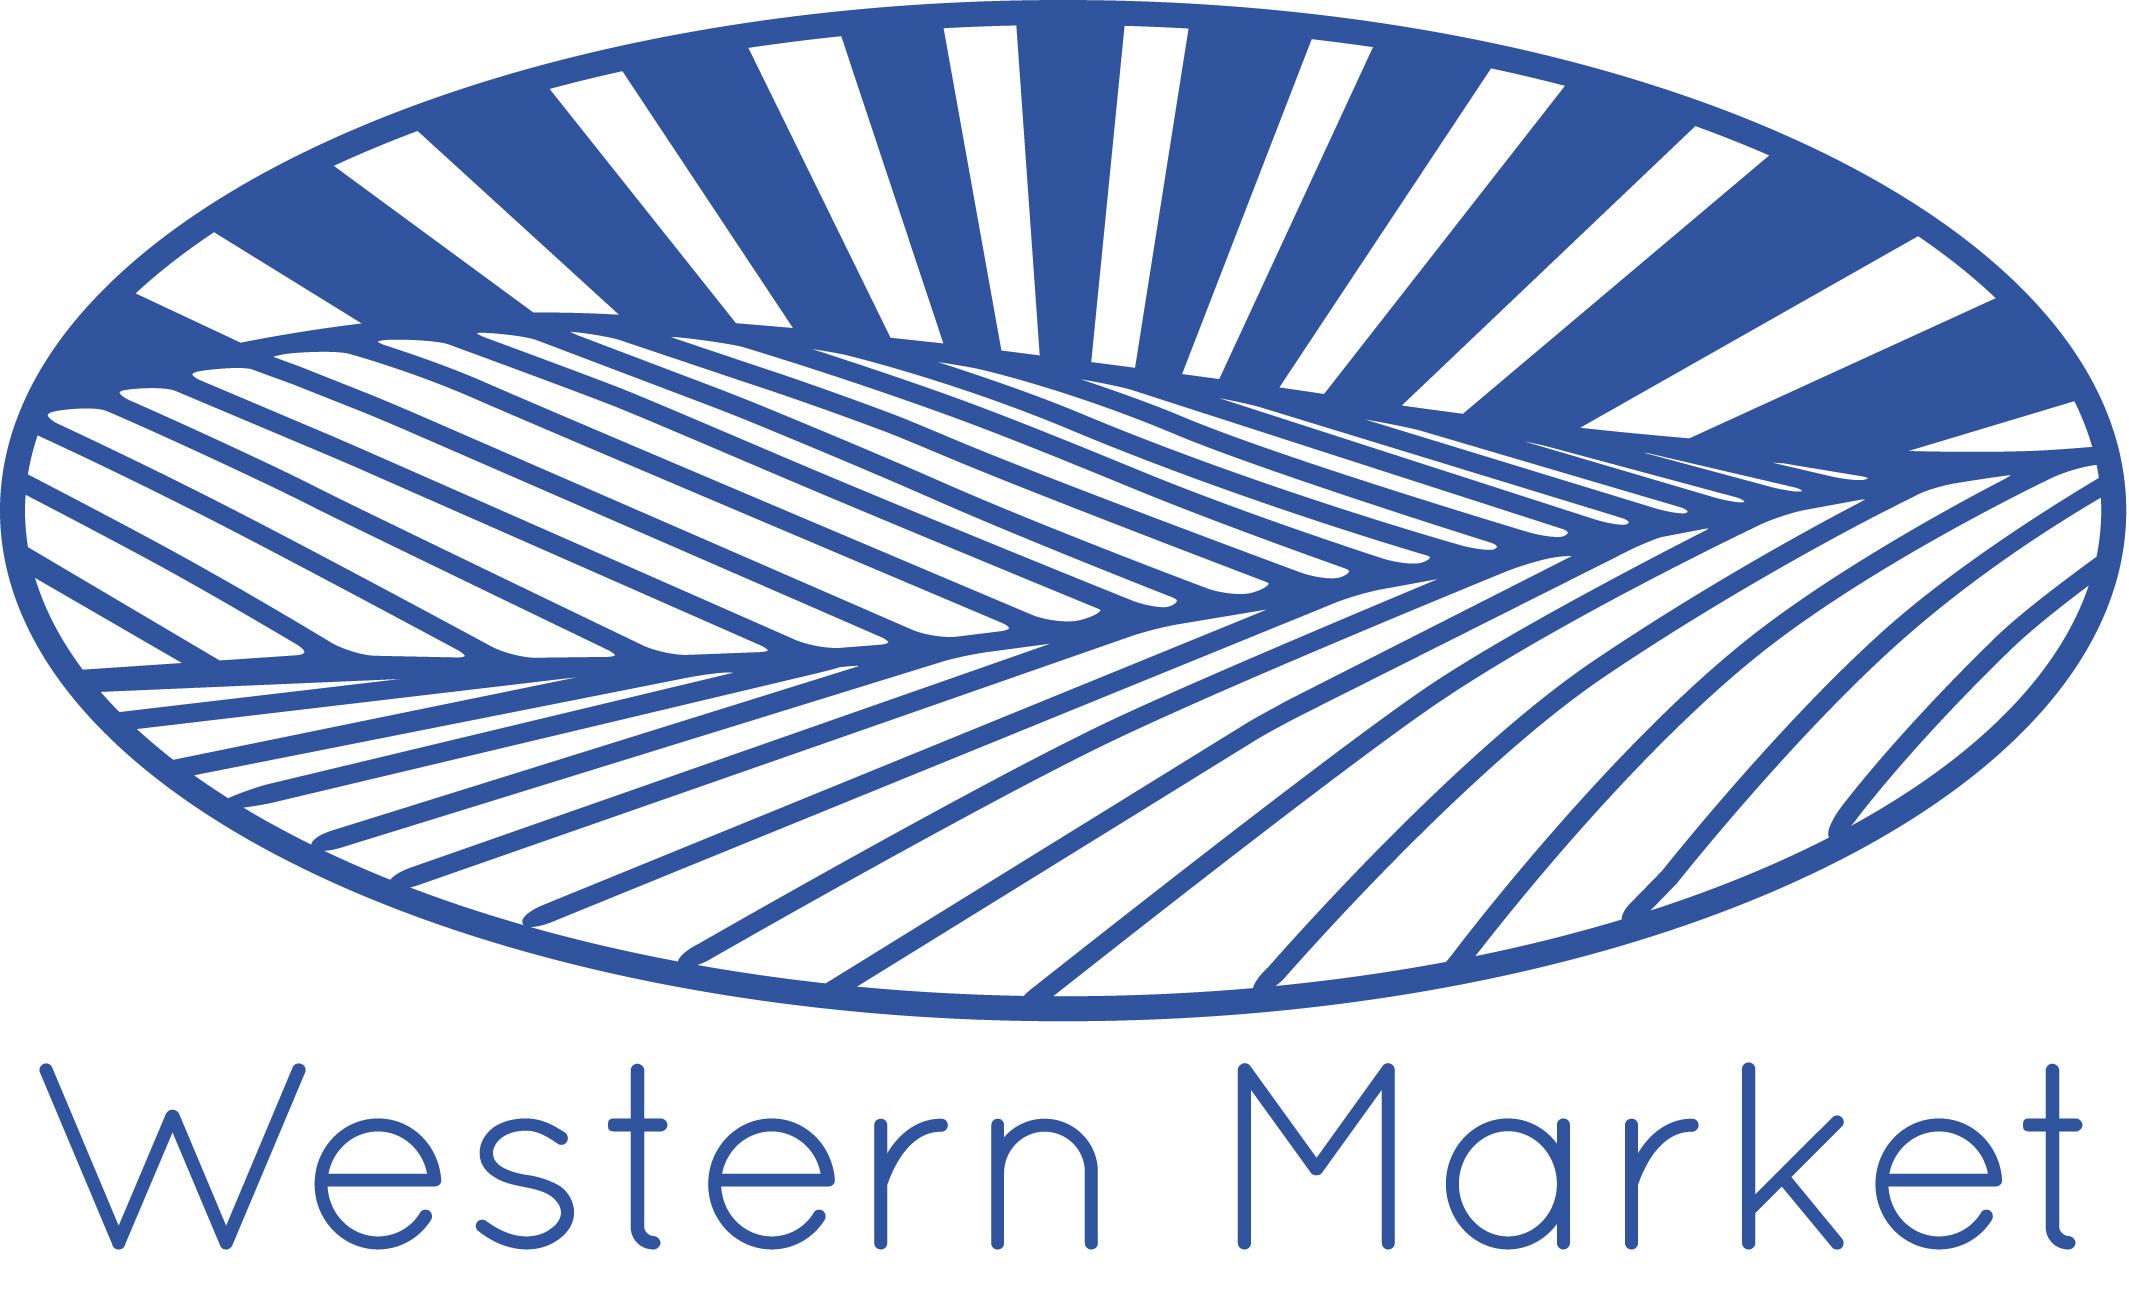 western market.jpg